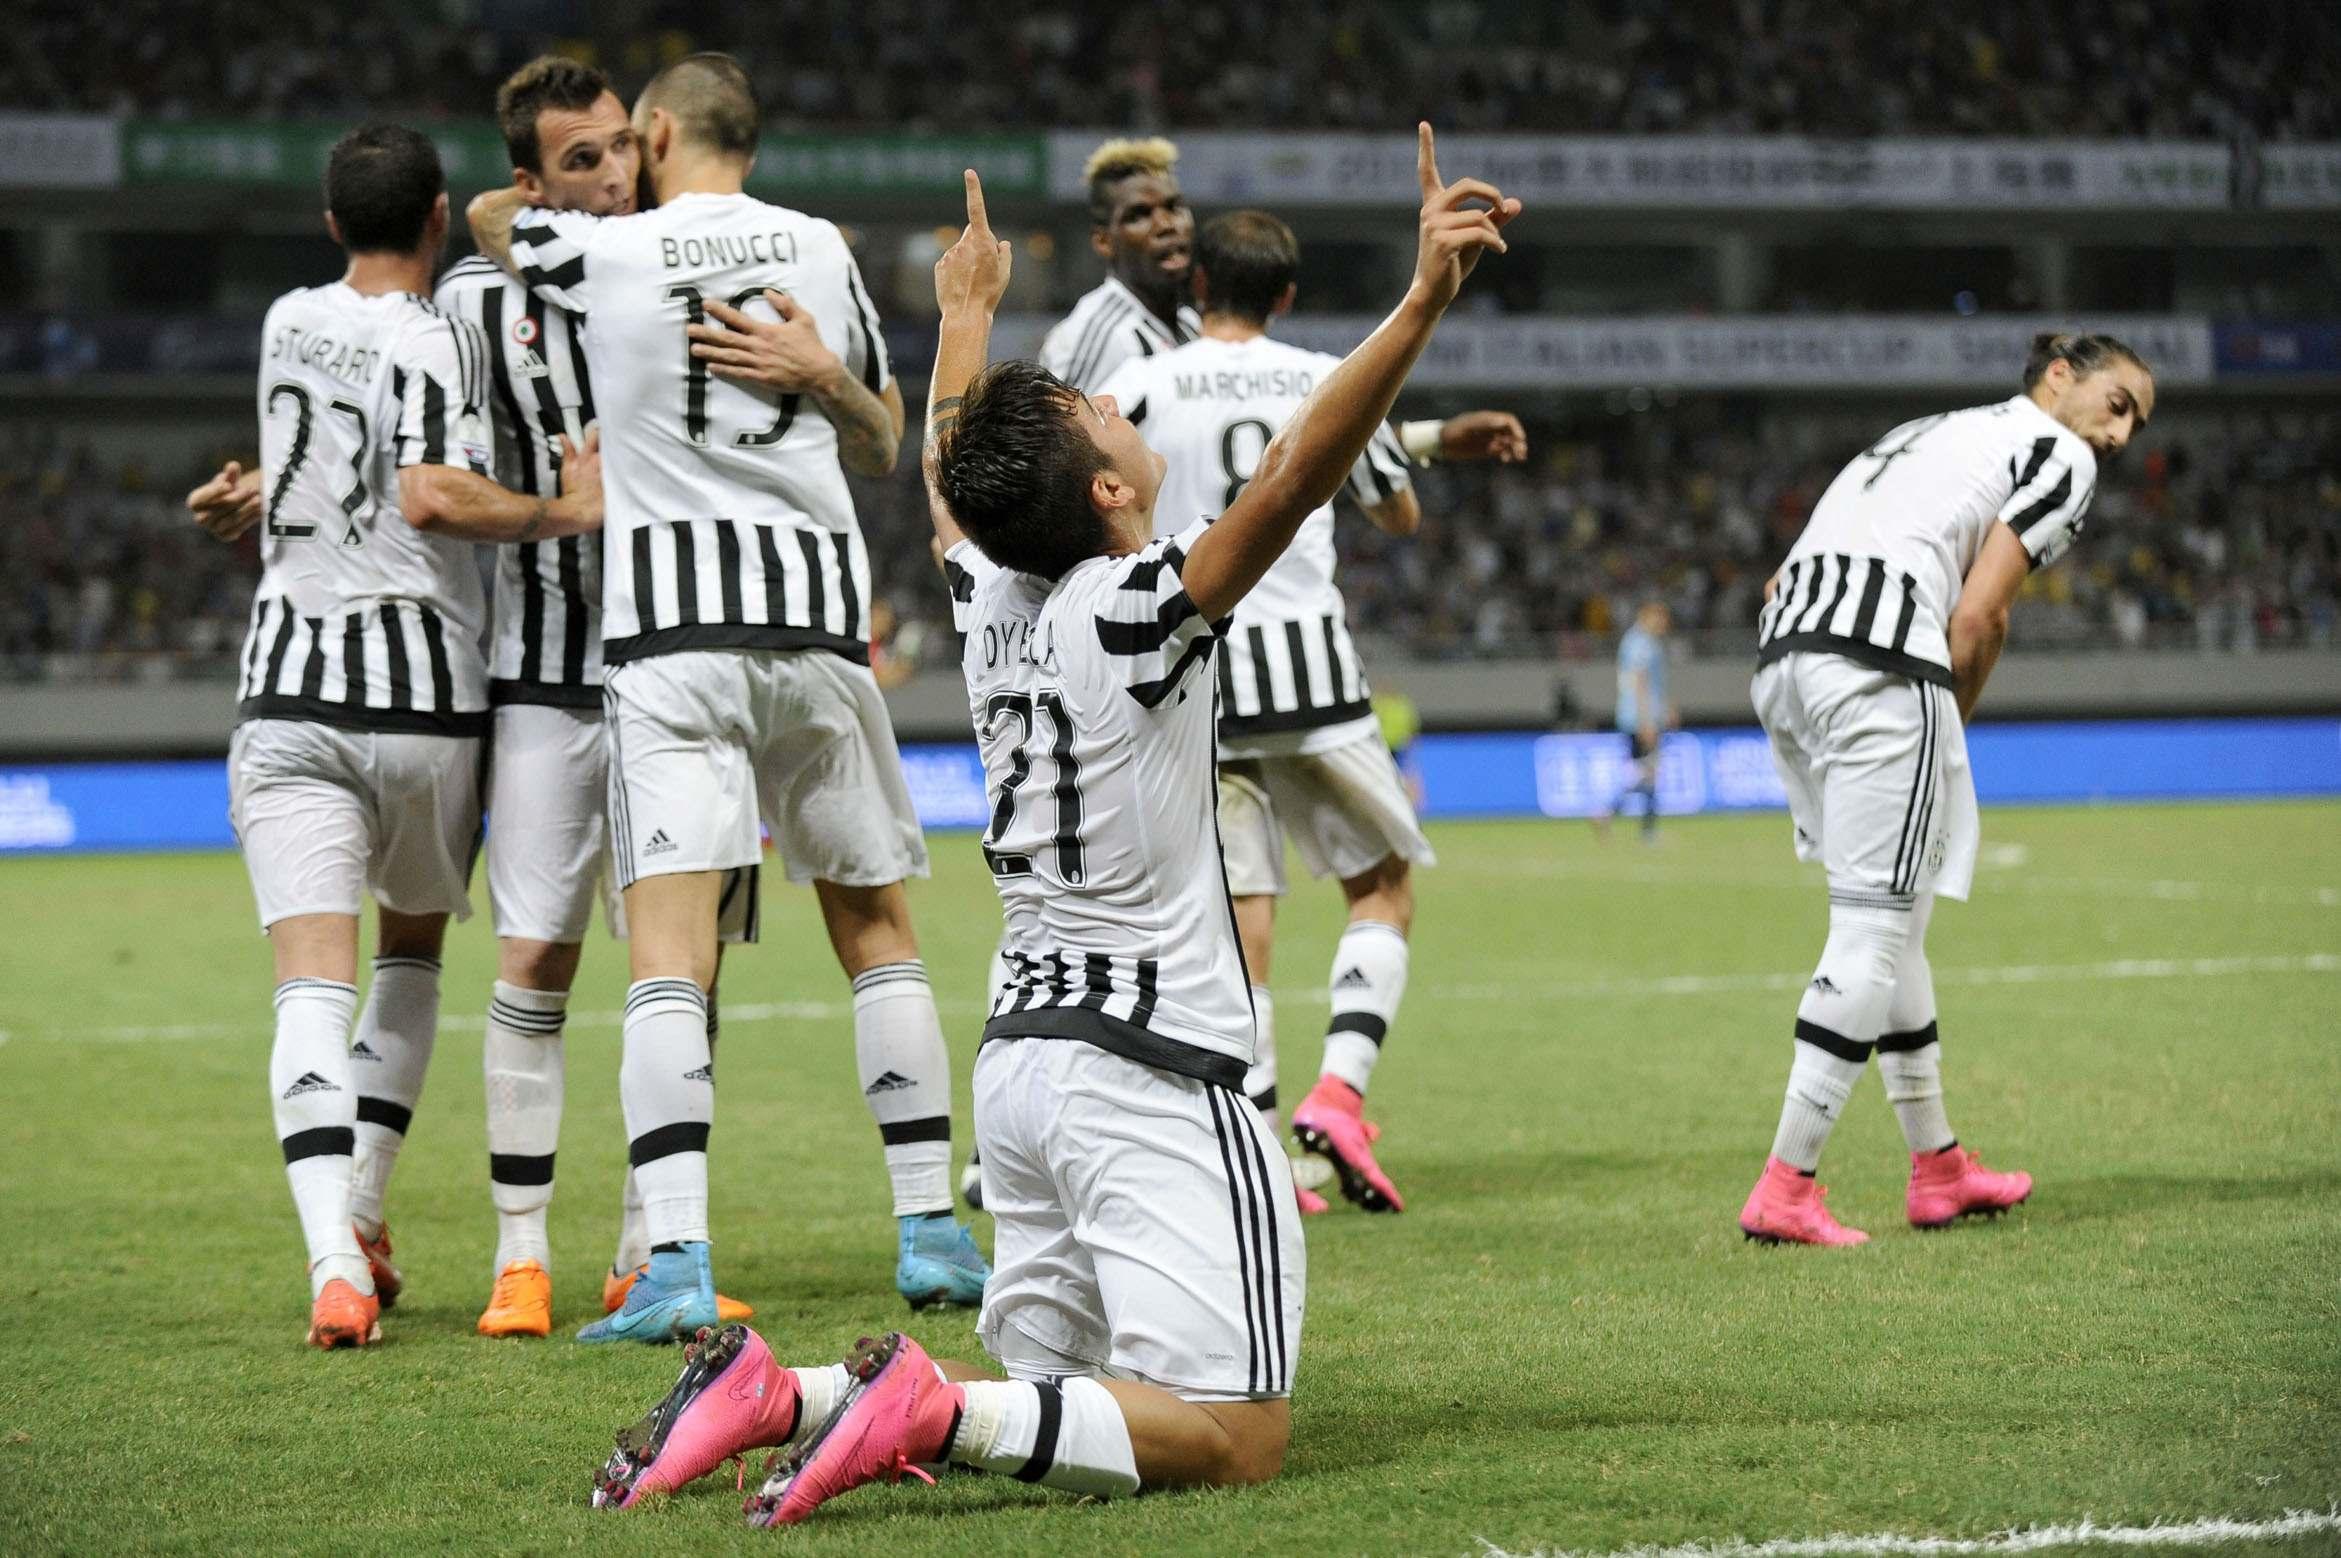 Juventus News Calciomercato Juve calendario risultati classifica formazione e tutte le ultimissime notizie in tempo reale della Juventus FC